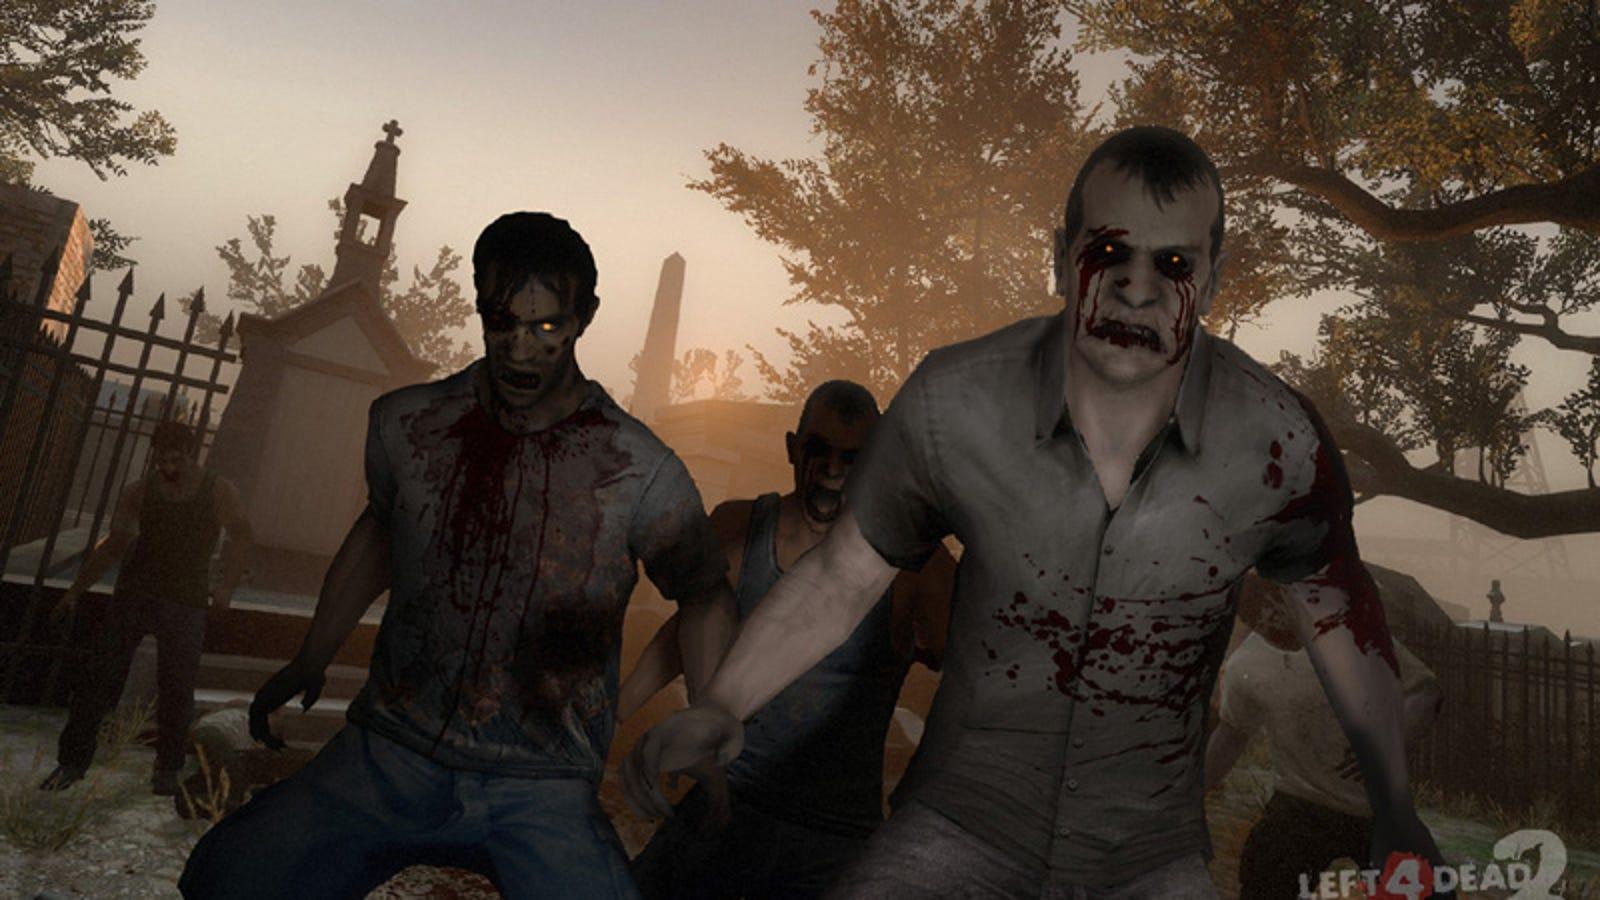 Left 4 Dead 2, el juego de zombies de Valve, gratis durante unas horas